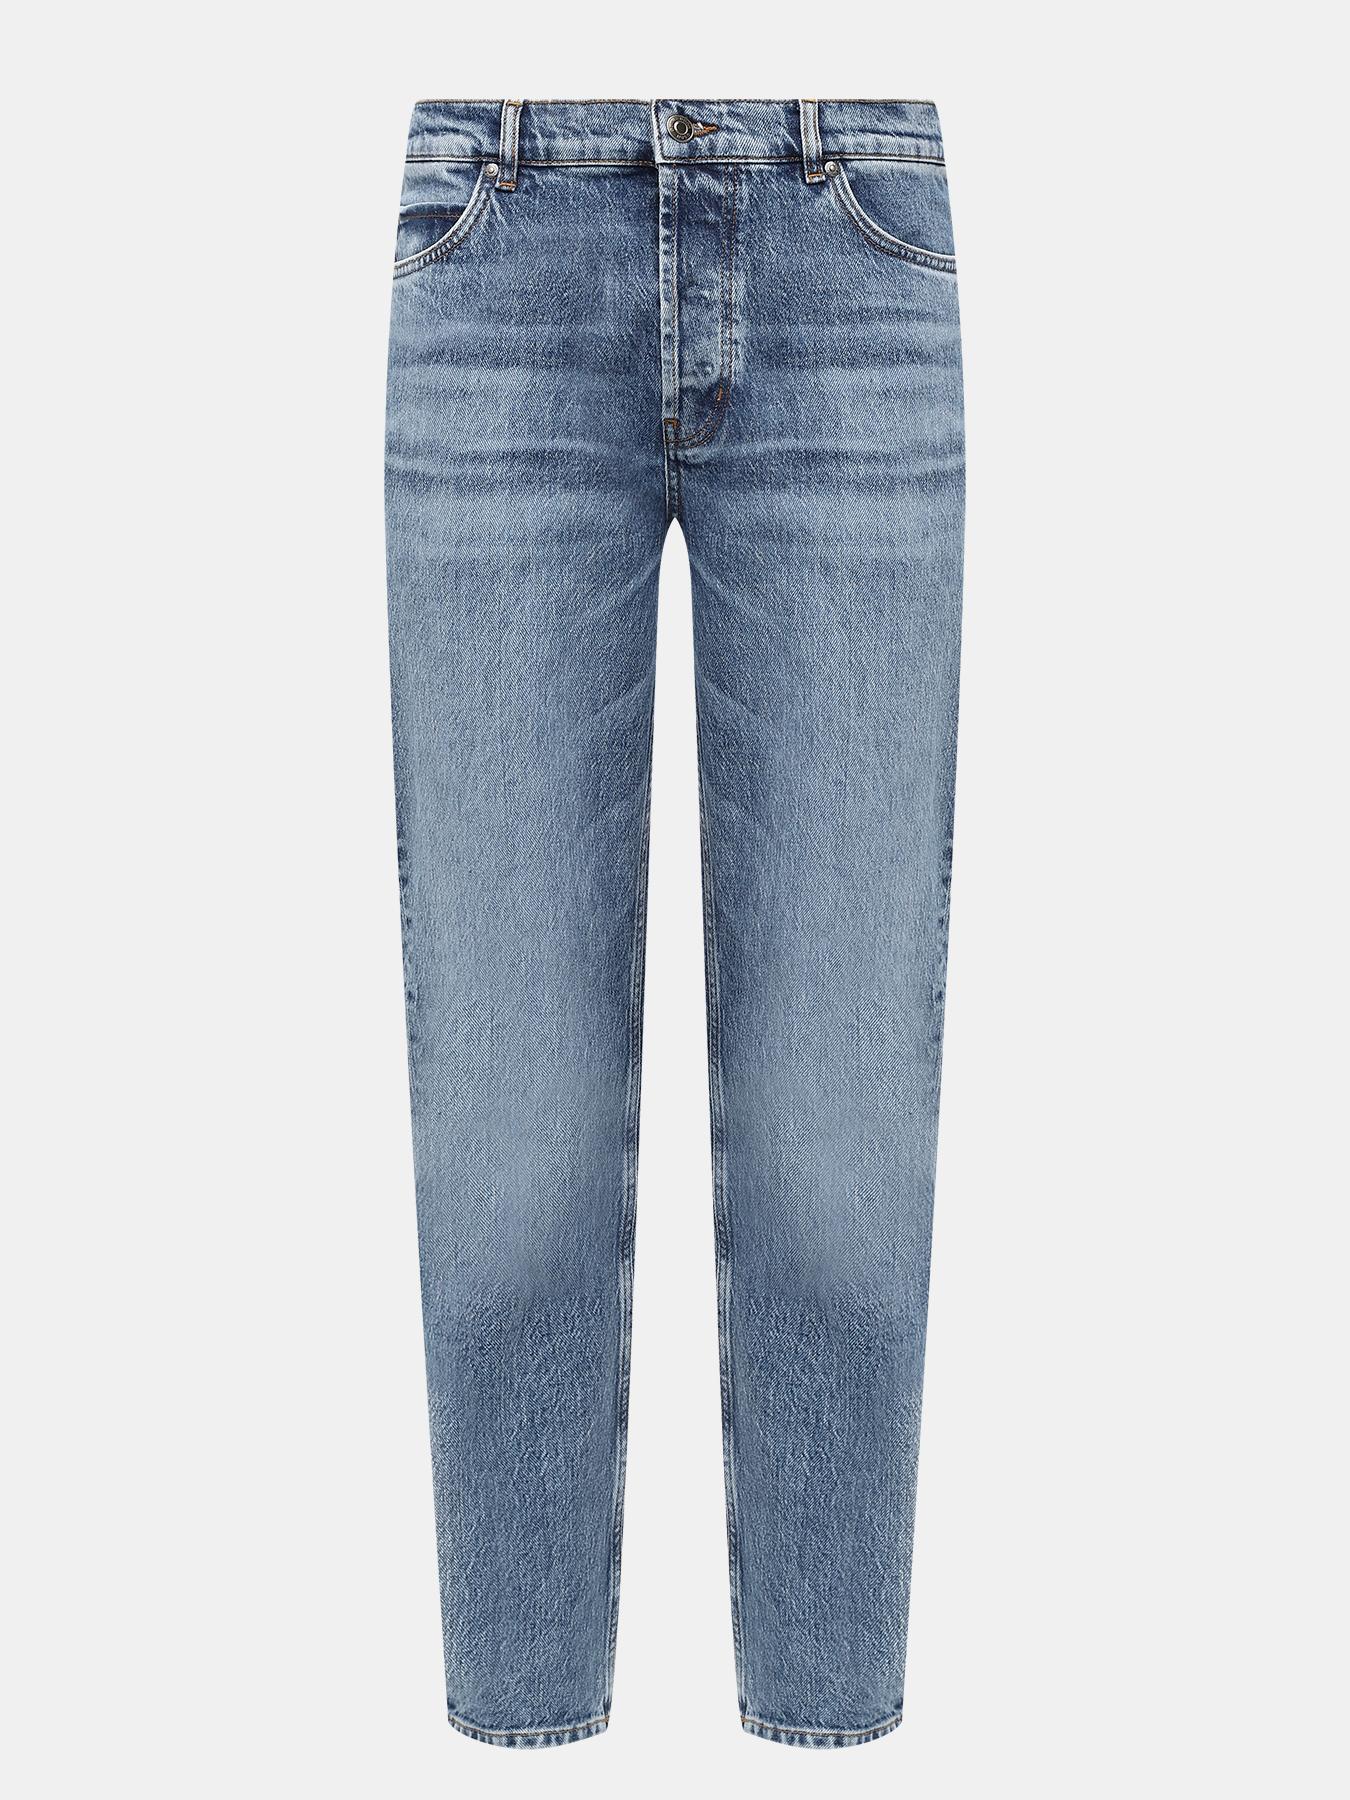 Фото - Джинсы HUGO Джинсы Hugo джинсы hugo узкие джинсы georgina